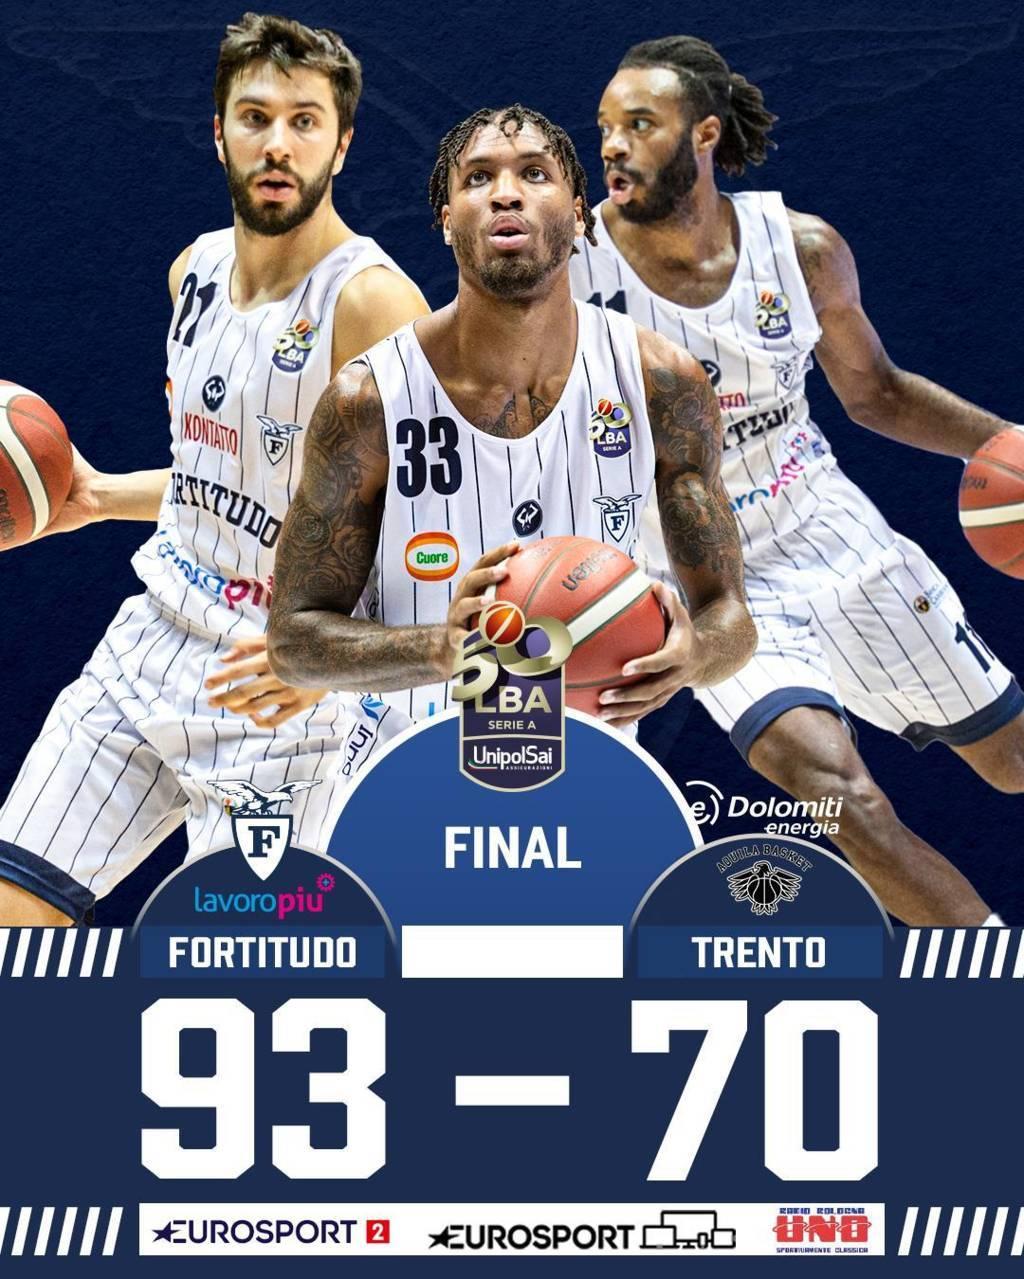 LBA Legabasket Unipolsai 3^ andata 2020-21: nel match tra Fortitudo Bologna e Dolomiti Energia Trentino ultime della classe prevale la F nettamente